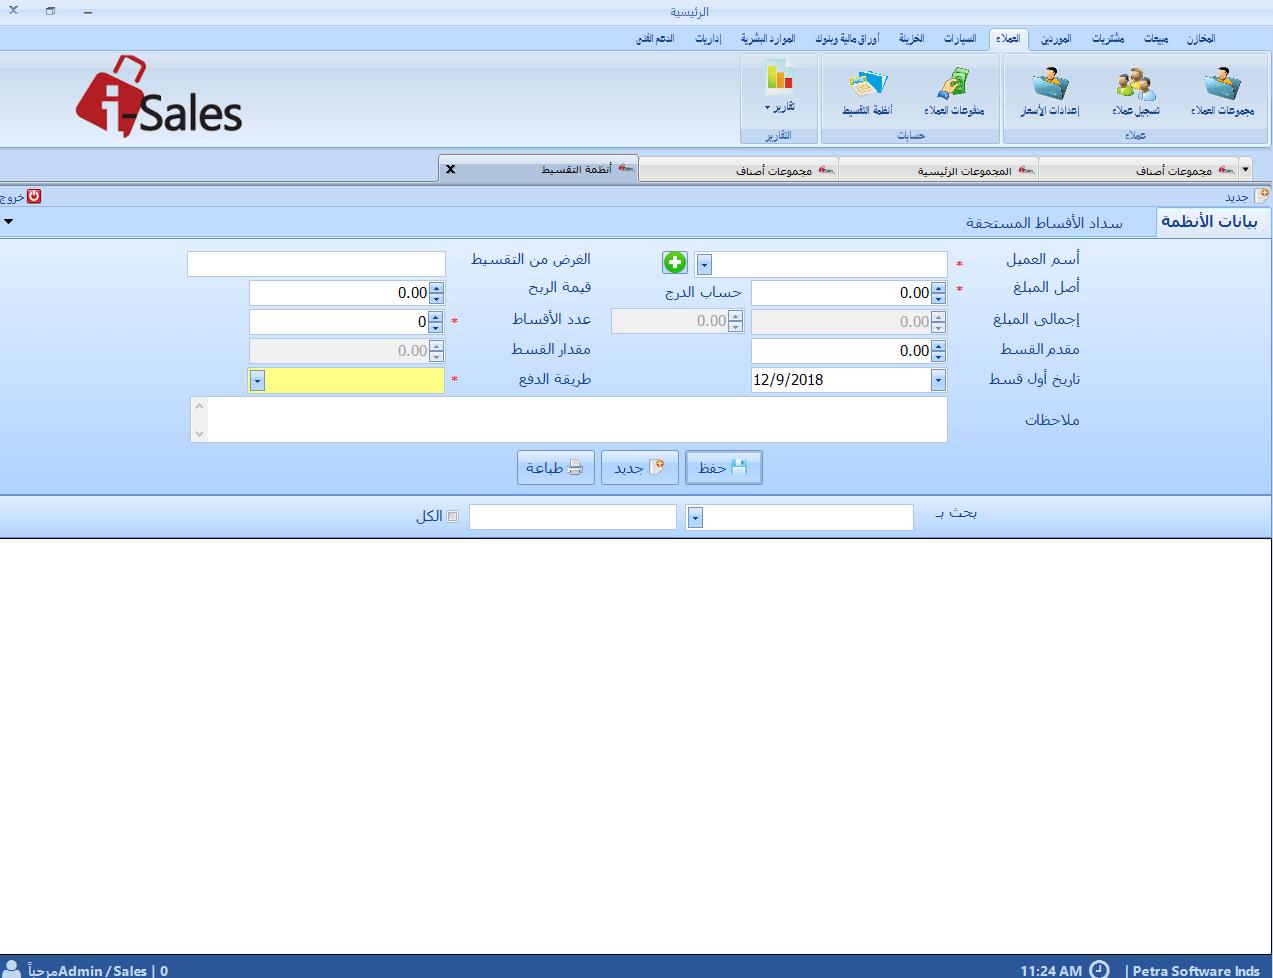 برنامج حسابات يدعم تعدد الوحدات